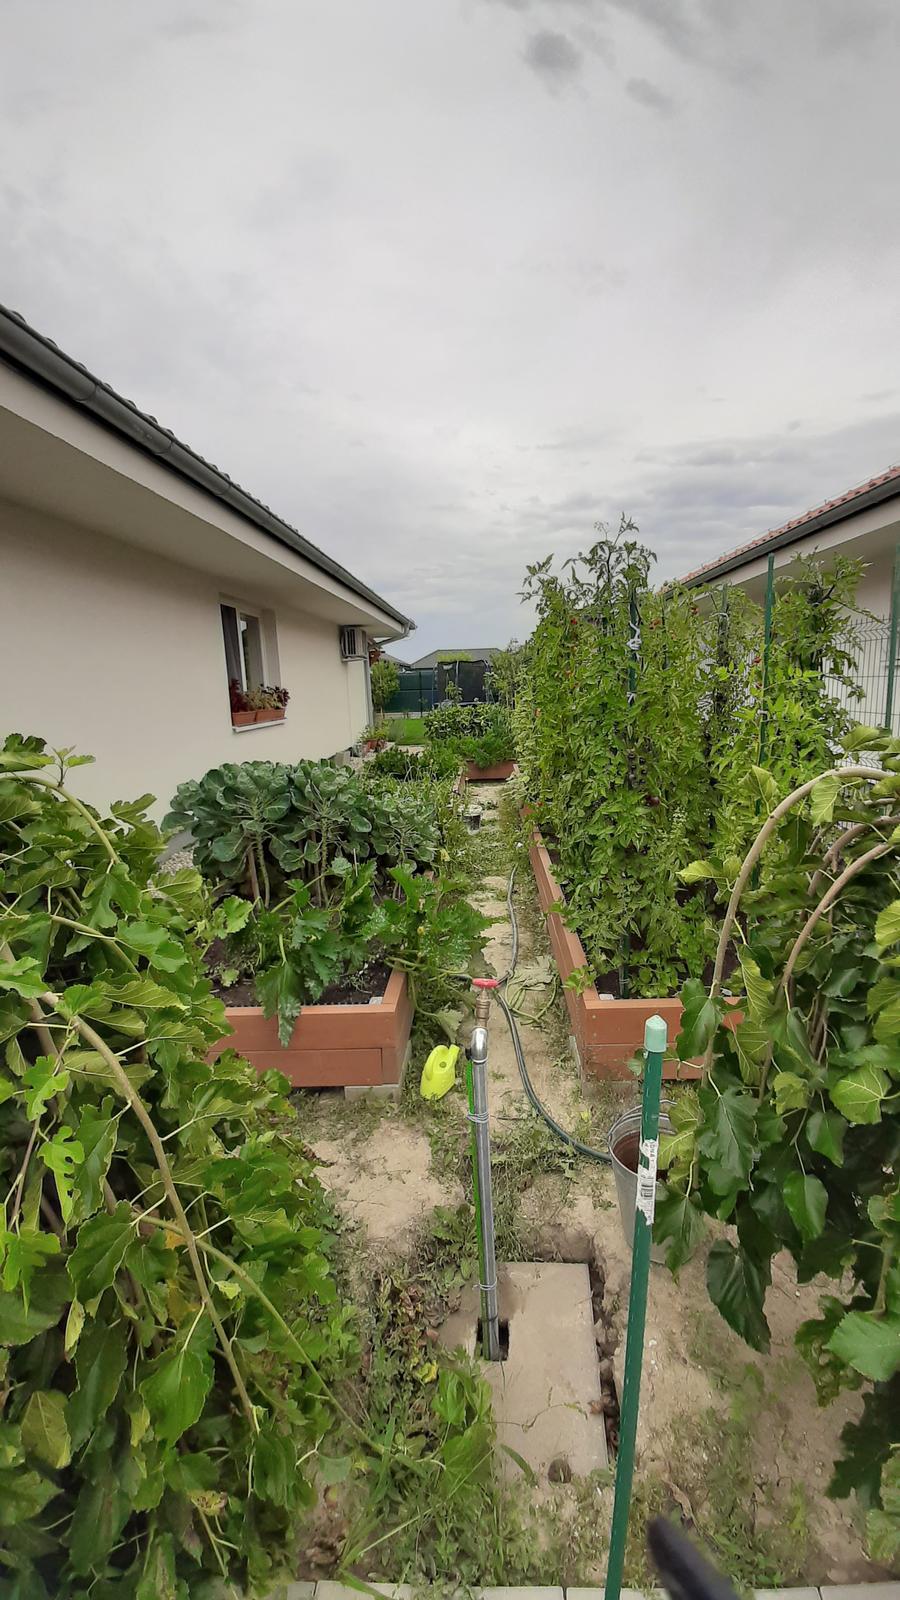 🏠🌞🌺❤🌷 Zahrada a jej dalsi rok...2020 🌱🐞🐛🦋🍓🥕🍅🌺❤ - Zahony a pohlad do zahrady...